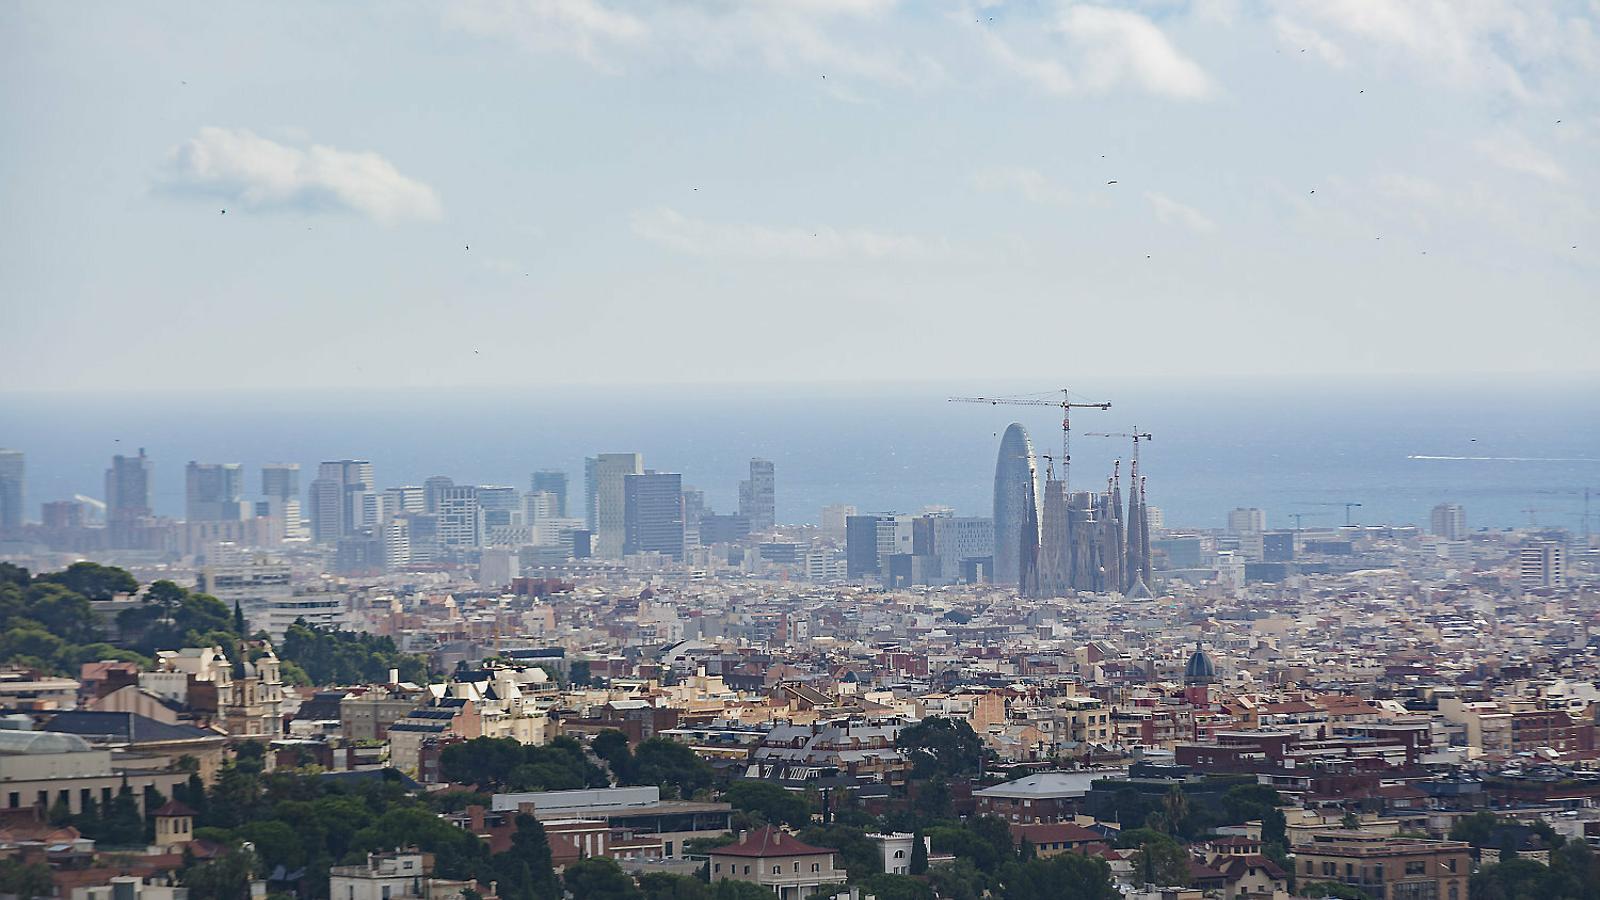 Amb quines idees s'ha construït Barcelona?